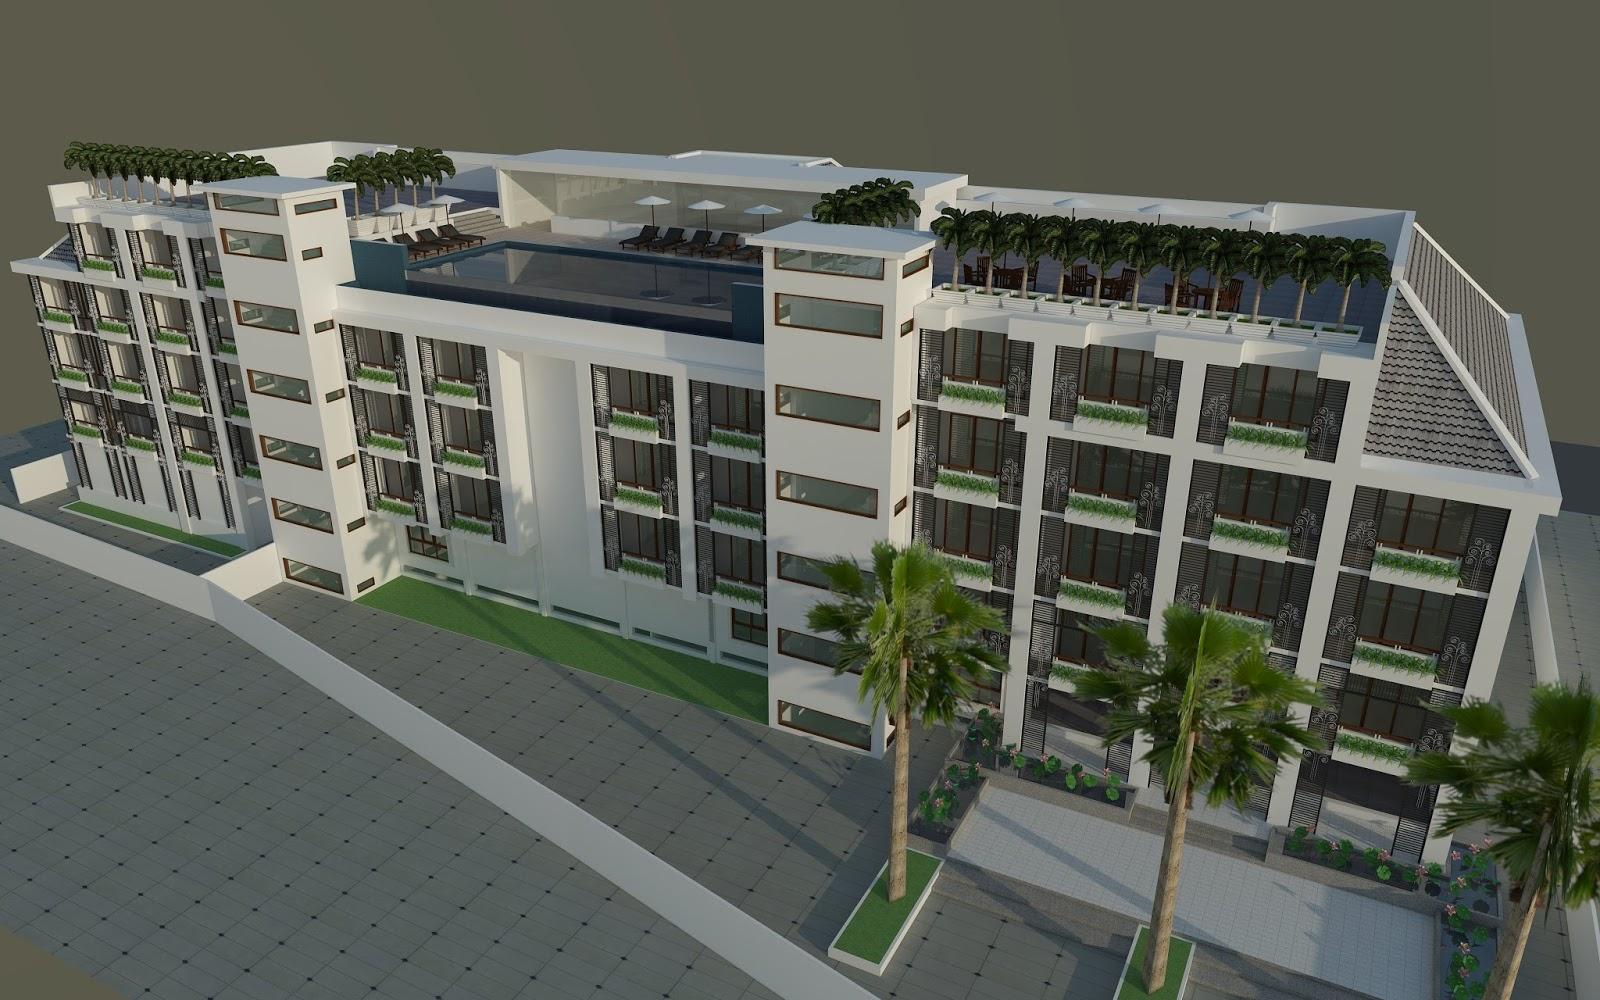 Architect hotel exterior design sketchup model ref 001 for Sketchup design